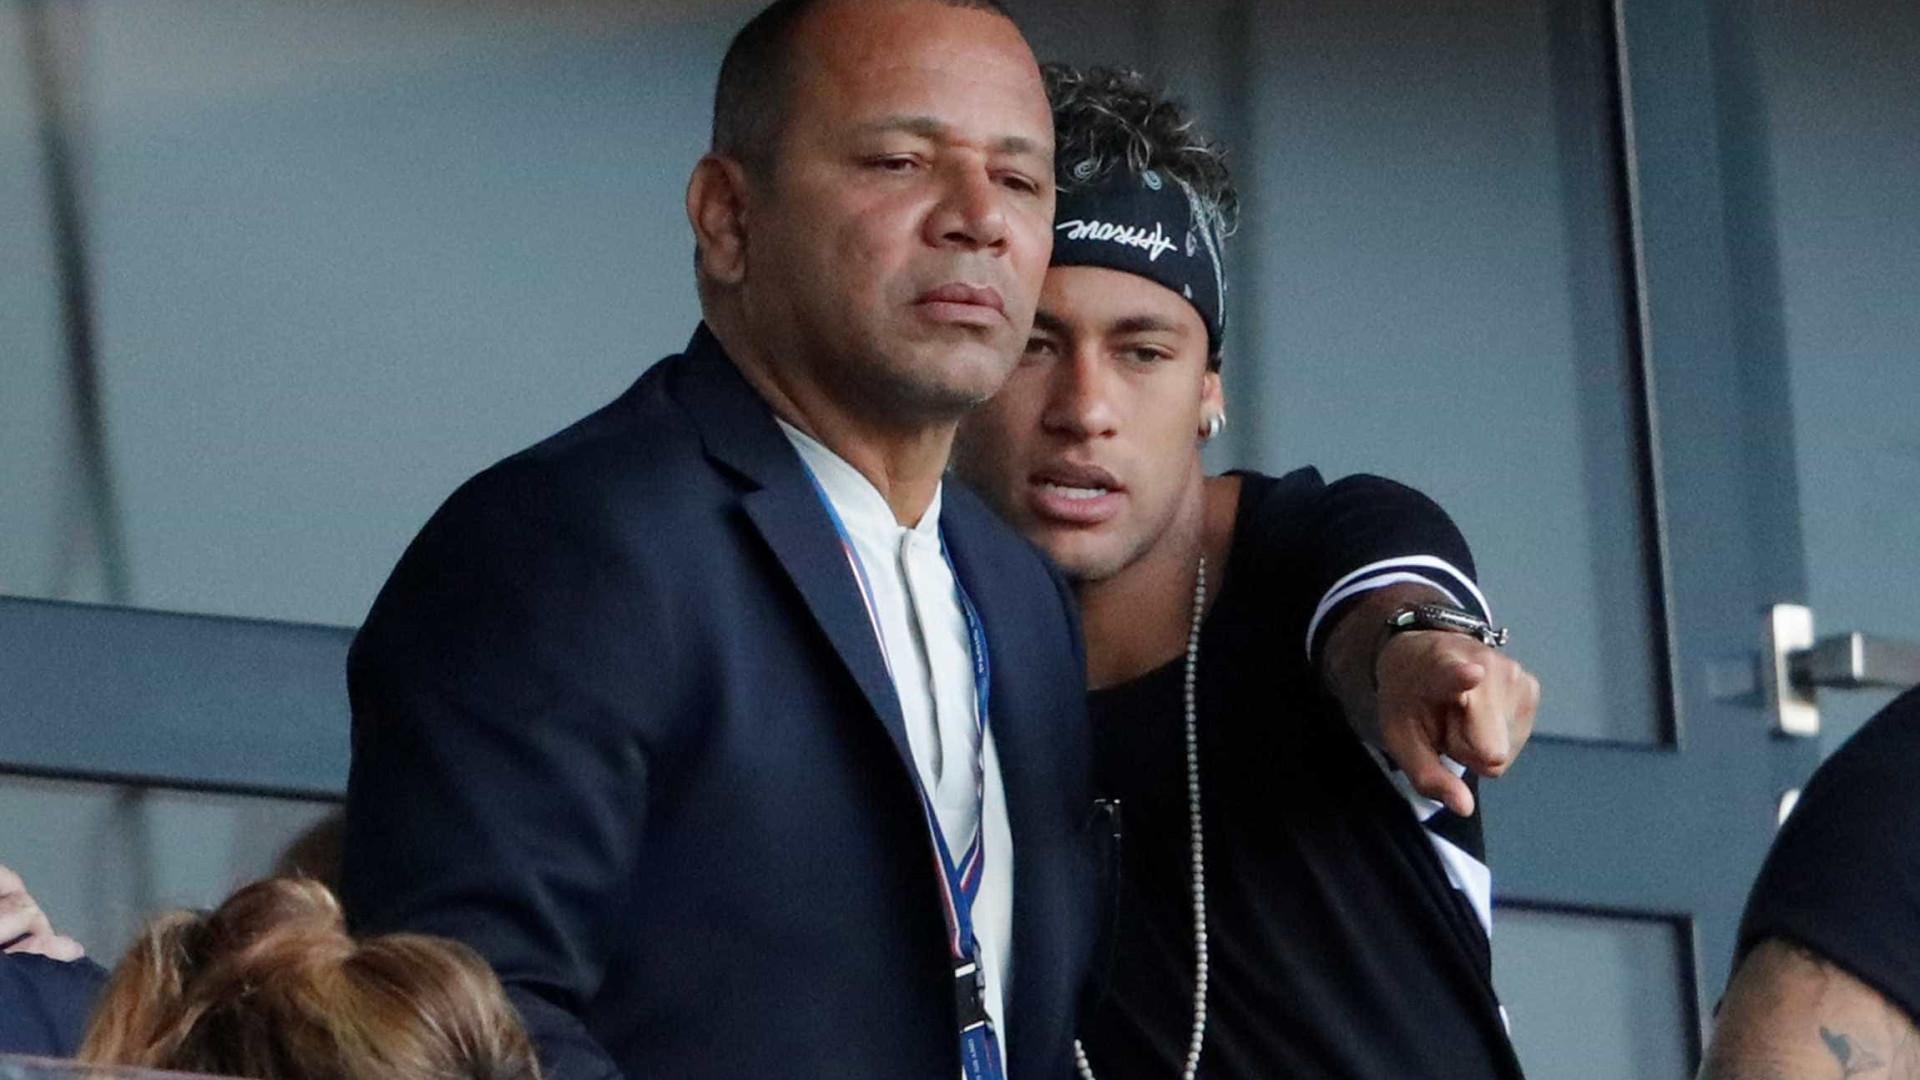 Acusado de má-fé, Neymar é multado pela Justiça brasileira em R$ 3,8 mi